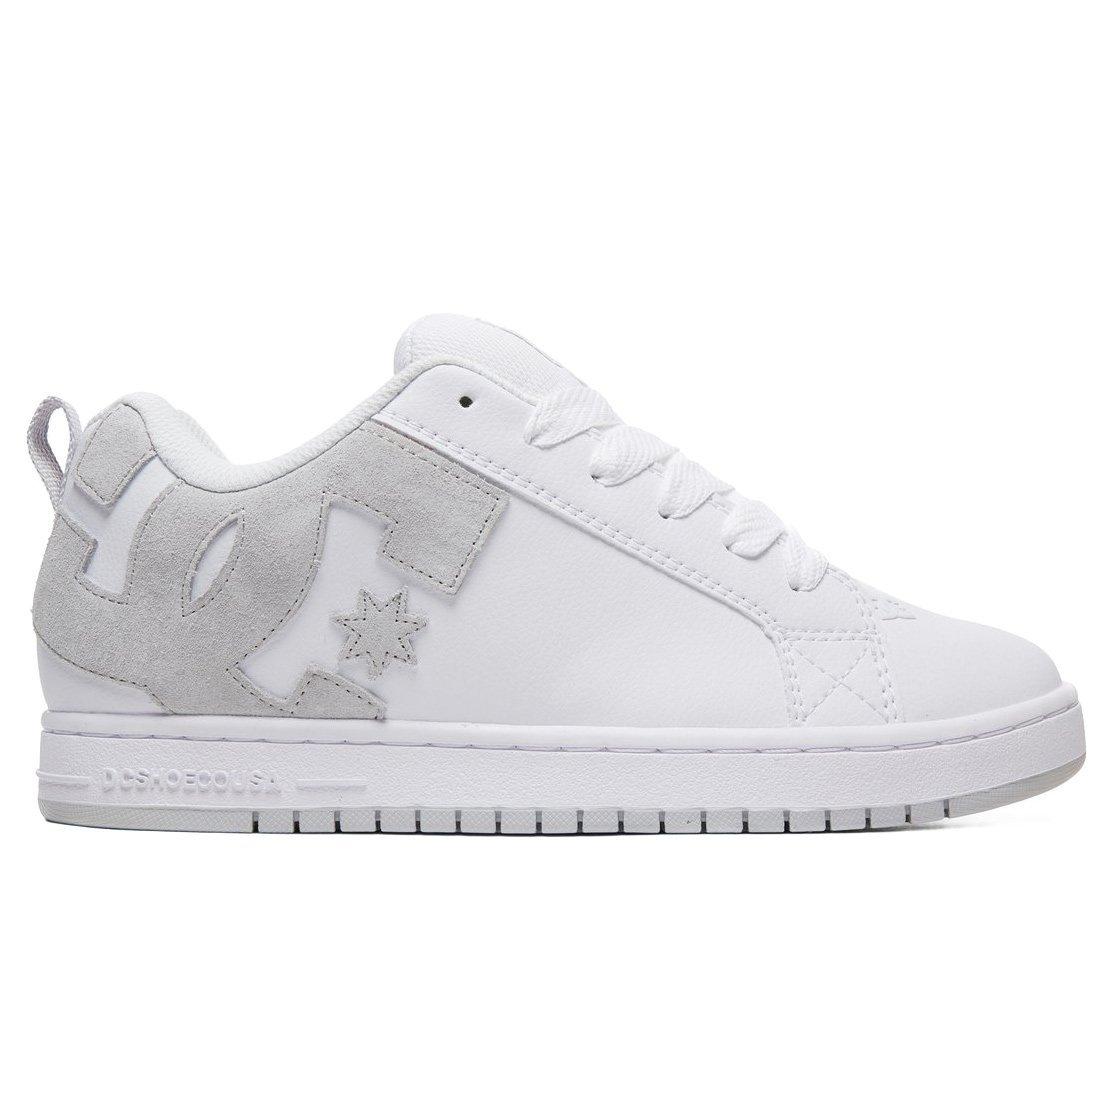 DC Court Graffik Shoes, White Grey/Grey